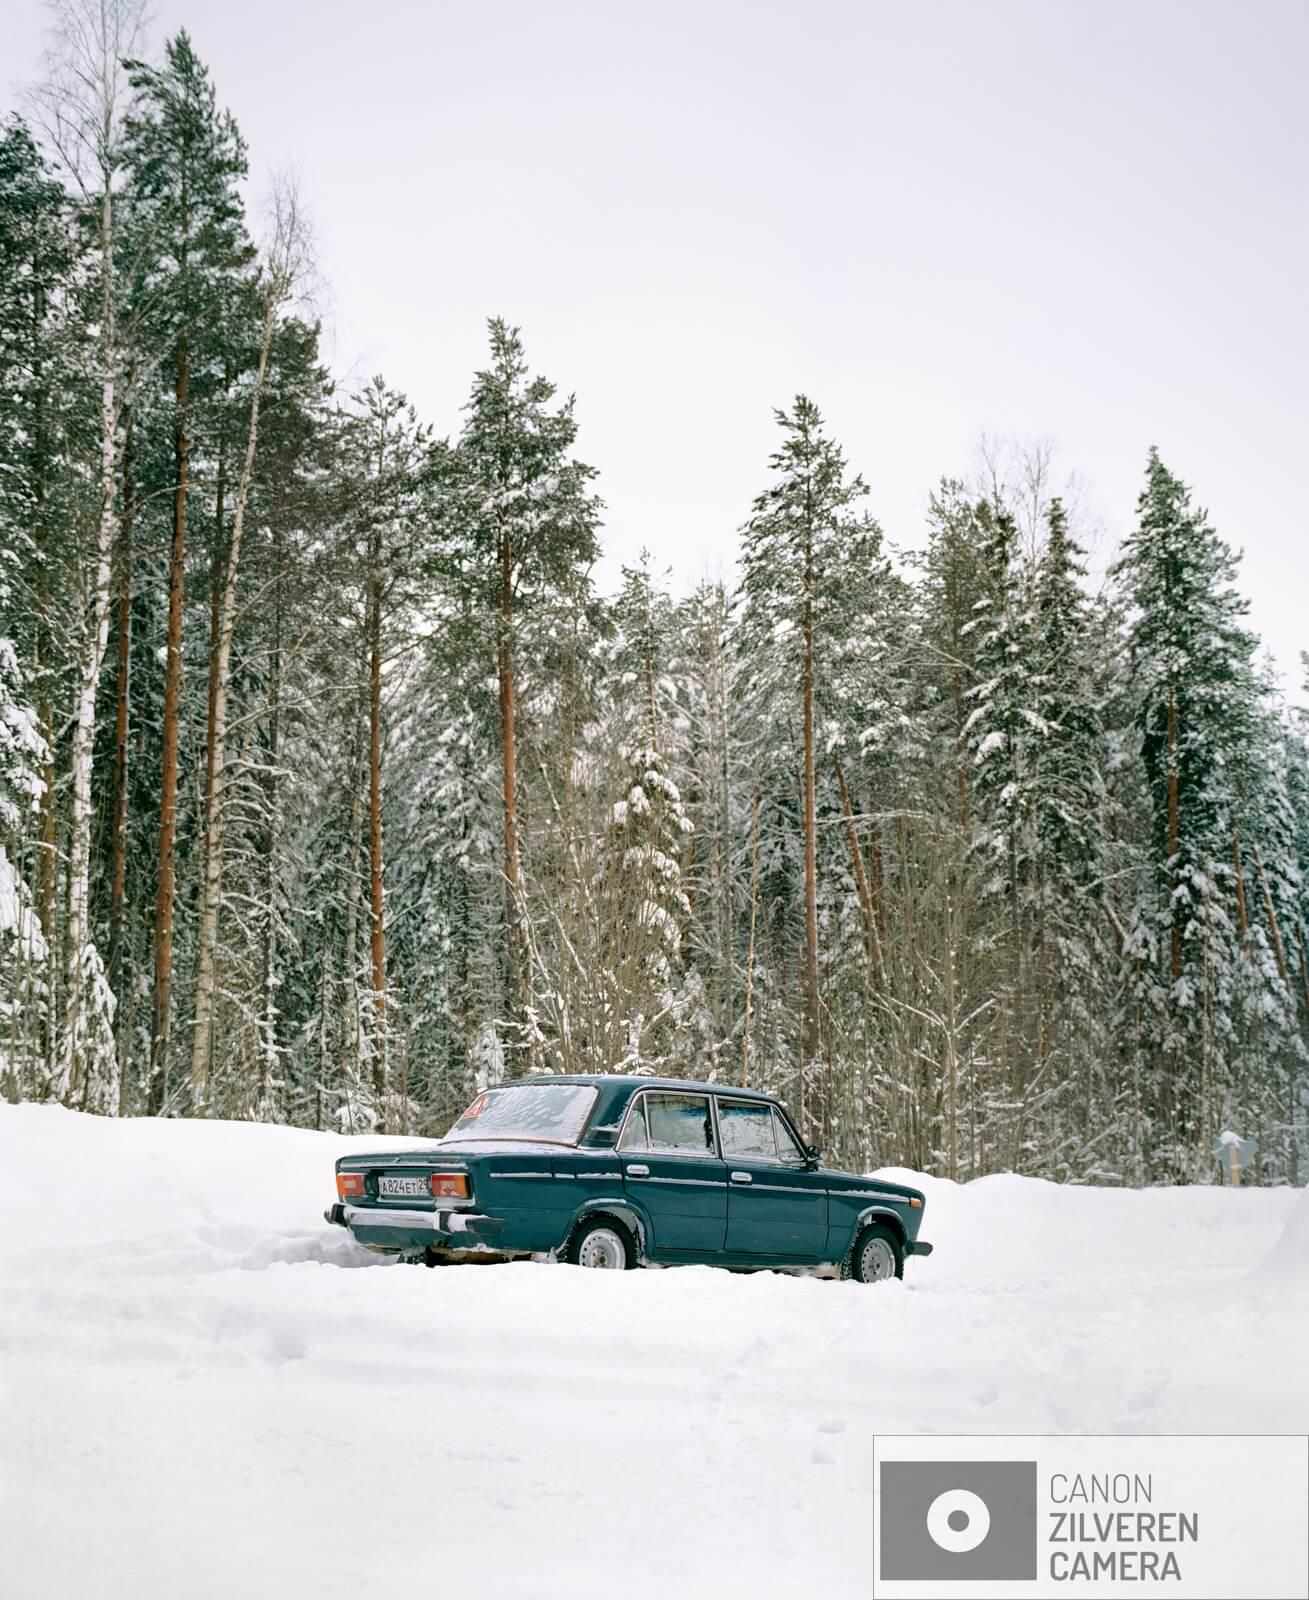 11/12  Borealis / Berdyshikha, Rusland, maart 2018  Het boreale woud is de grootste vegetatiezone op aarde en beslaat zo'n 29 procent van het totale bosgebied. Met een oppervlakte van negen miljoen vierkante kilometer is het flink groter dan het Amazone -regenwoud. Met name in Rusland is sinds de val van het communisme de ontbossing enorm toegenomen. Boreale bossen zetten op grote schaal koolstofdioxide om in zuurstof. Een gemiddelde boom produceert in honderd jaar genoeg zuurstof om een persoon twintig jaar van te laten ademen. Het tropisch regenwoud en het boreale woud vormen samen de longen van onze aarde. Toch is minder dan twaalf procent van deze bossen beschermd gebied. De bomenwereld is door de klimaatverwarming in verandering. Vooral in het hoge noorden zijn die veranderingen merkbaar. Zo kwam de temperatuur vorig jaar in delen van arctisch Rusland 6 á 7 graden boven het gemiddelde.  Gennady Tugushin woont in het dorp Berdyshykha diep verscholen in het eindeloze Russische boreale woud. Het dorp is leeggelopen, zoals vele dorpen in Rusland, alleen Gennady woont er nog samen met zijn vrouw. Gennady heeft zijn hele leven voor het lokale houtbedrijf gewerkt. Ze leveren hout aan een van de grootste papierfabrieken van Europa. Gennady is gepensioneerd maar werkt nog steeds voor het bedrijf om zijn magere pensioen wat aan te vullen.